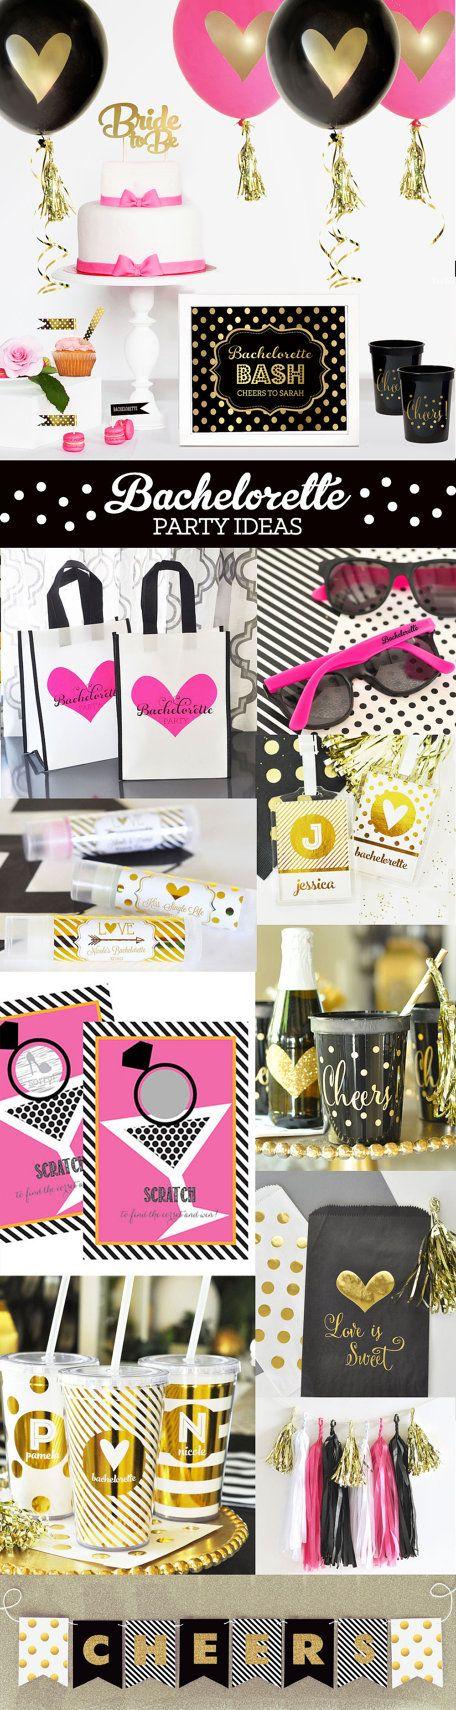 Best 25 bachelorette party cups ideas on pinterest for Bachelorette decoration ideas